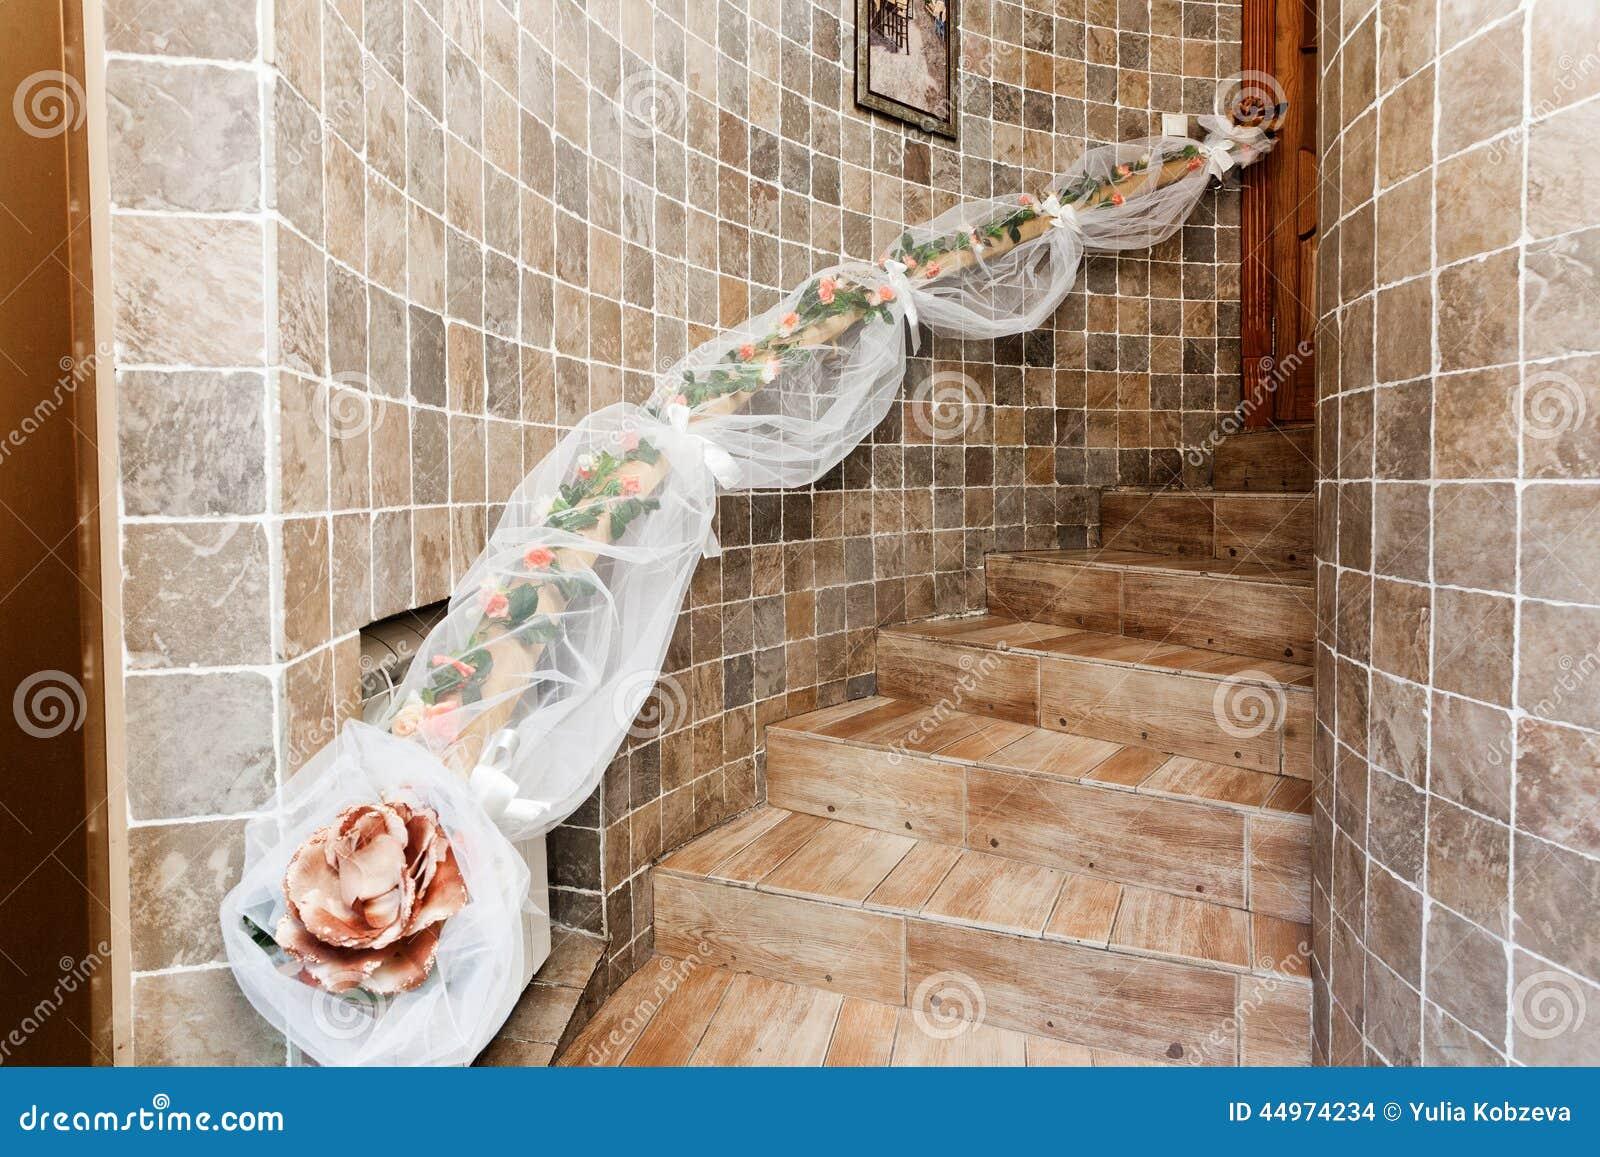 La scala decorativa fiorisce le mattonelle di legno delle scale fotografia stock immagine di - Scala decorativa ...